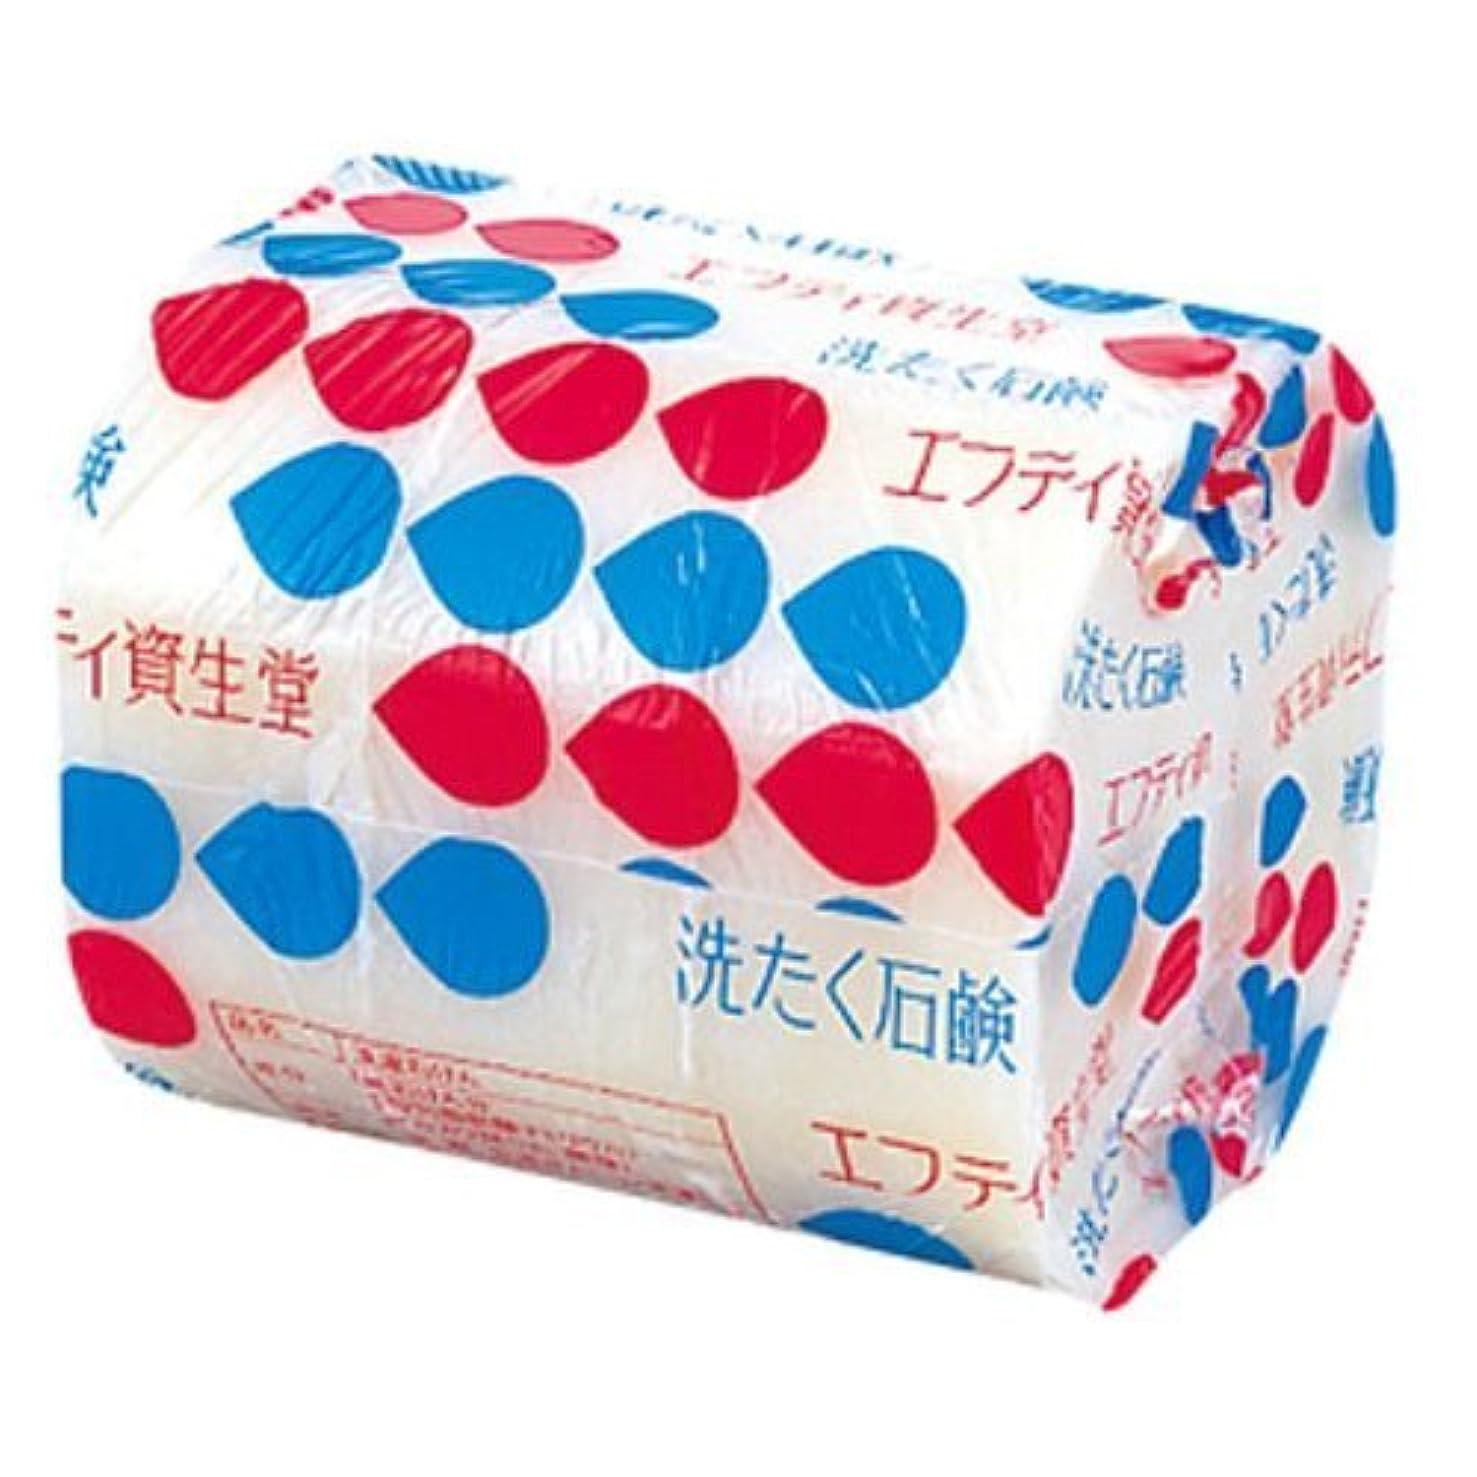 バンジョーこんにちはヨーロッパ【資生堂】エフティ資生堂洗たく石鹸花椿型3コパック200g